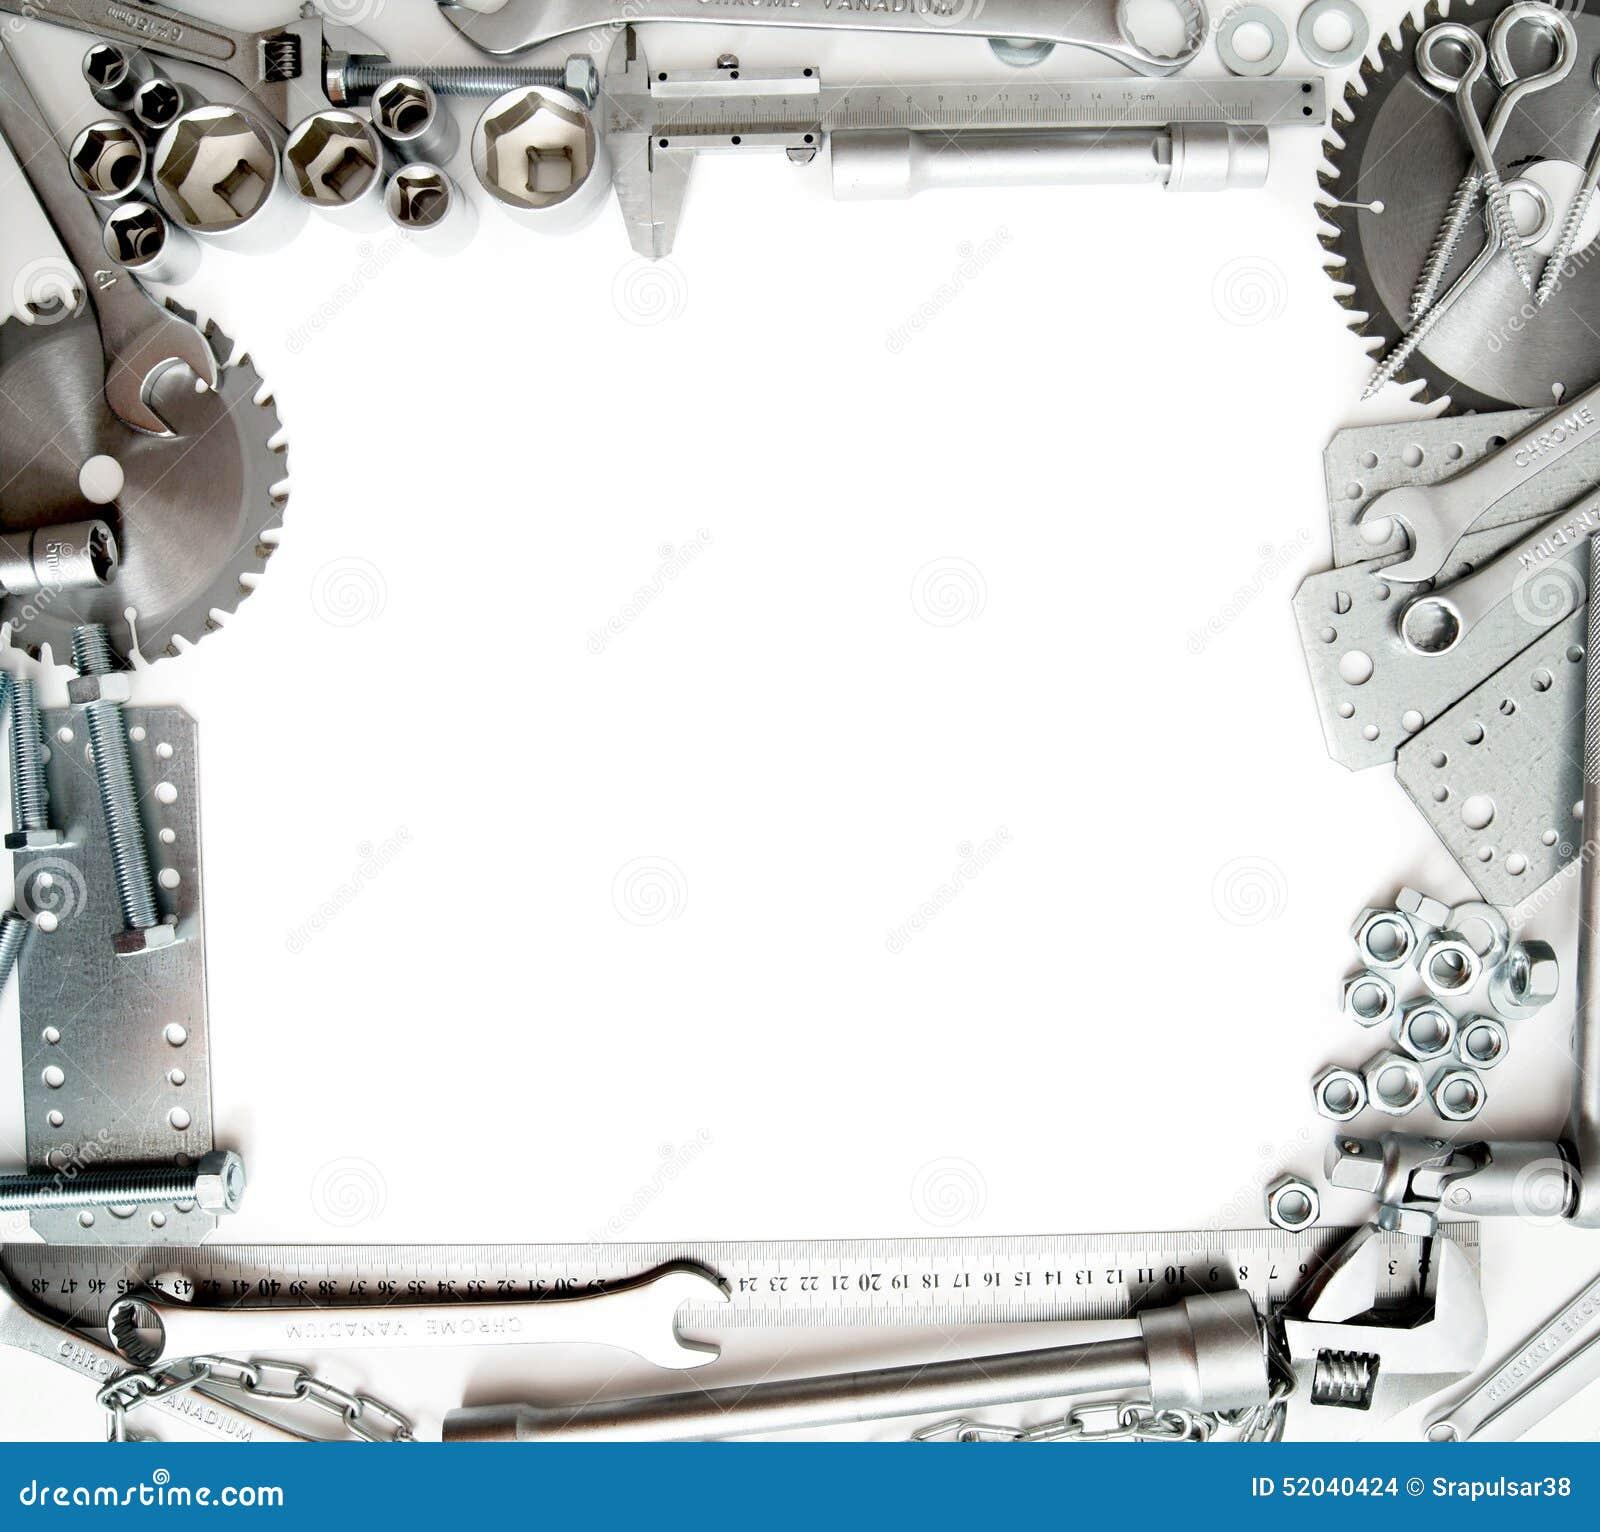 Metalwork Règle, clé, vis et d autres outils